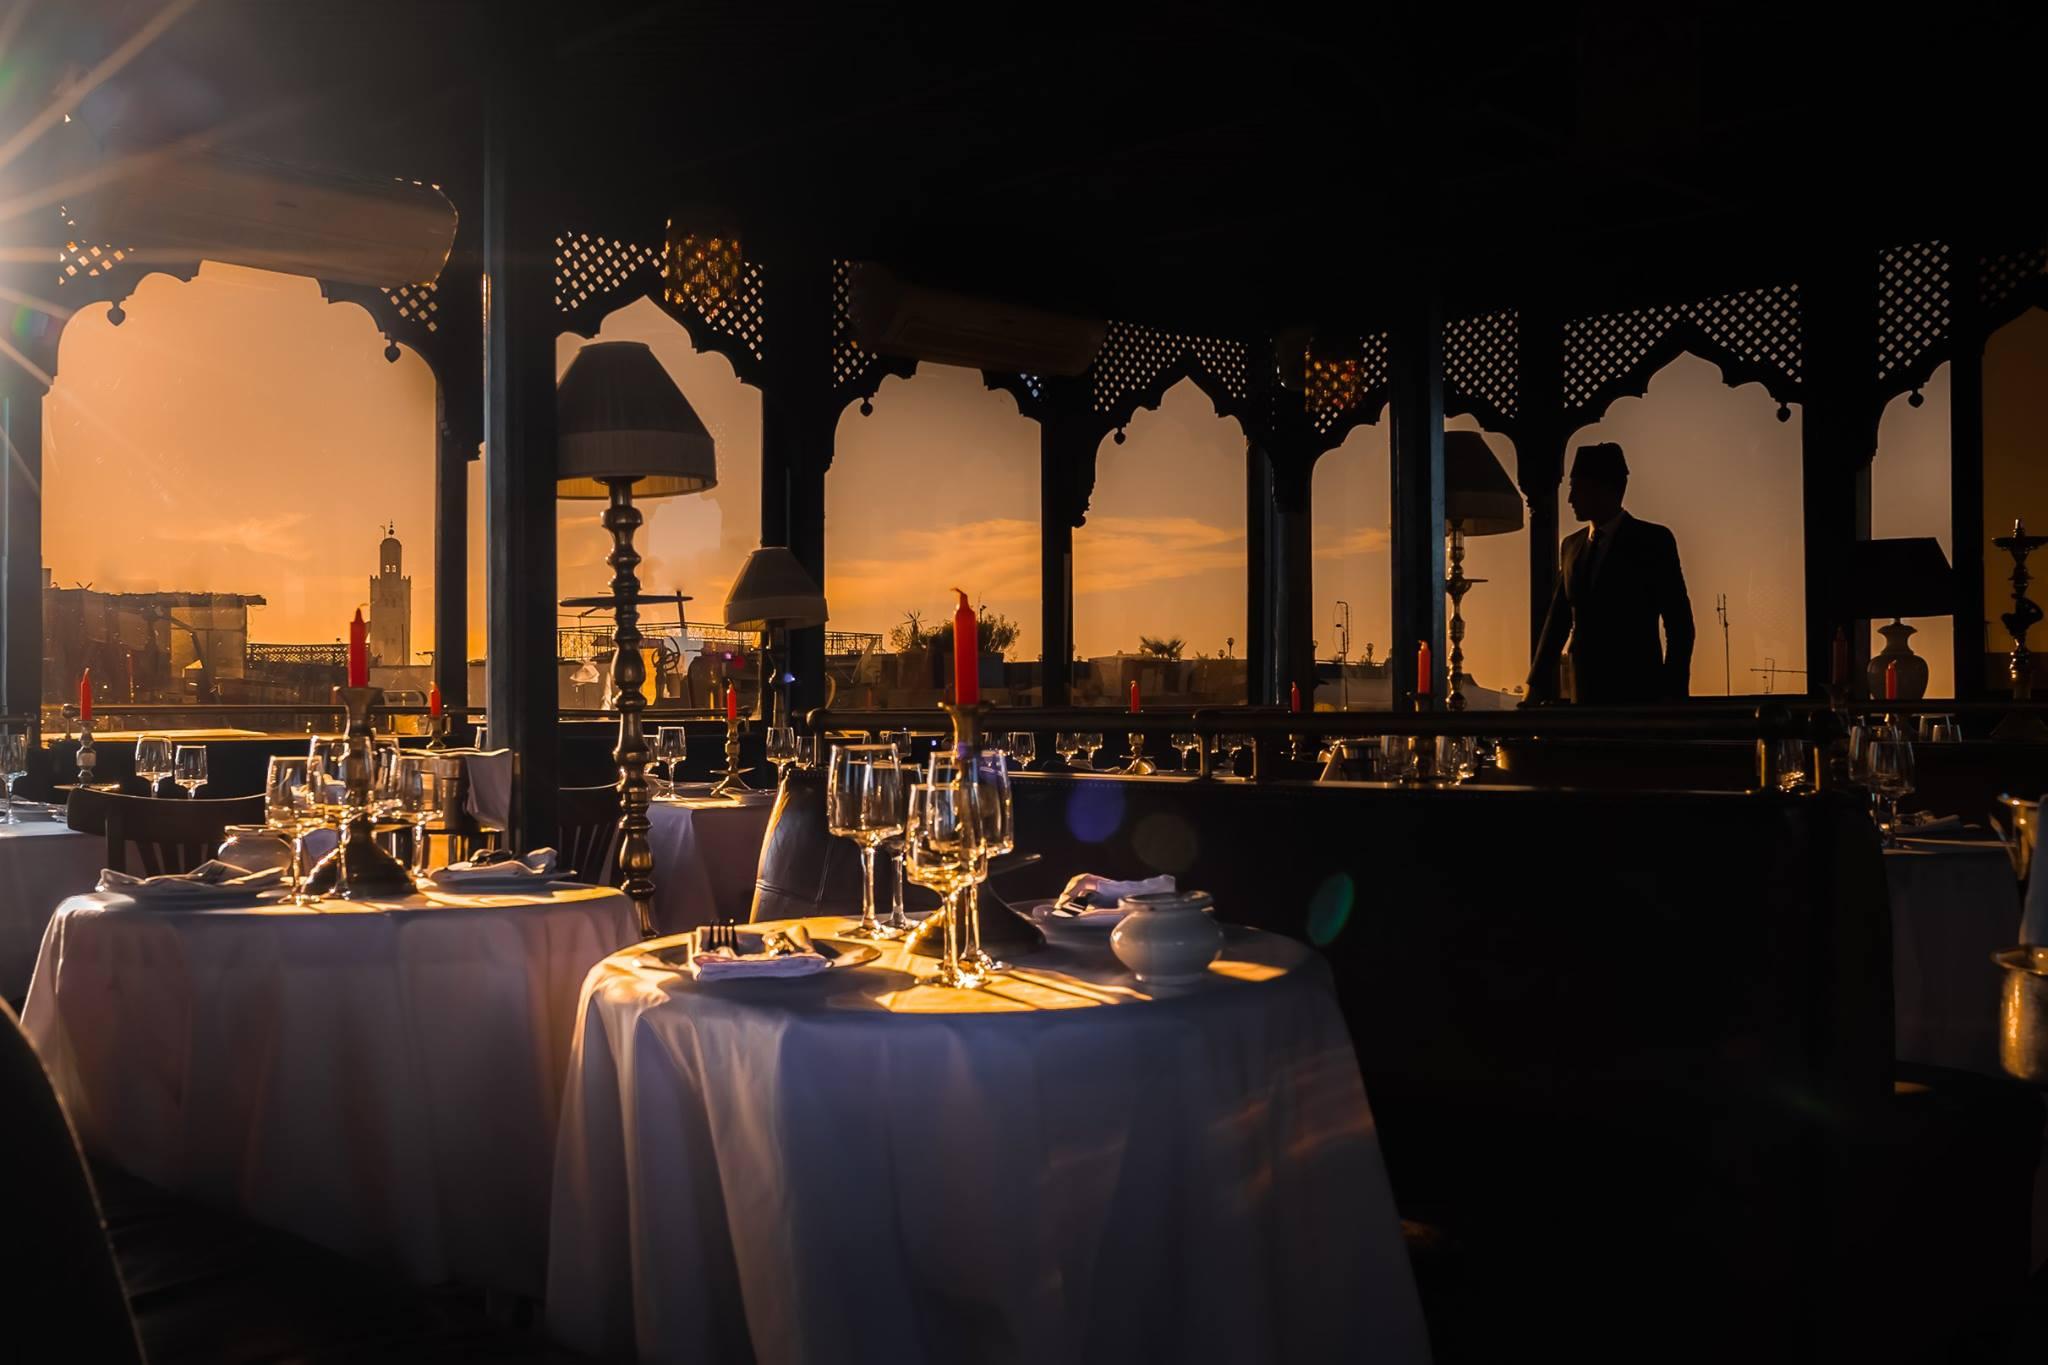 restaurant salama marrakech. Black Bedroom Furniture Sets. Home Design Ideas